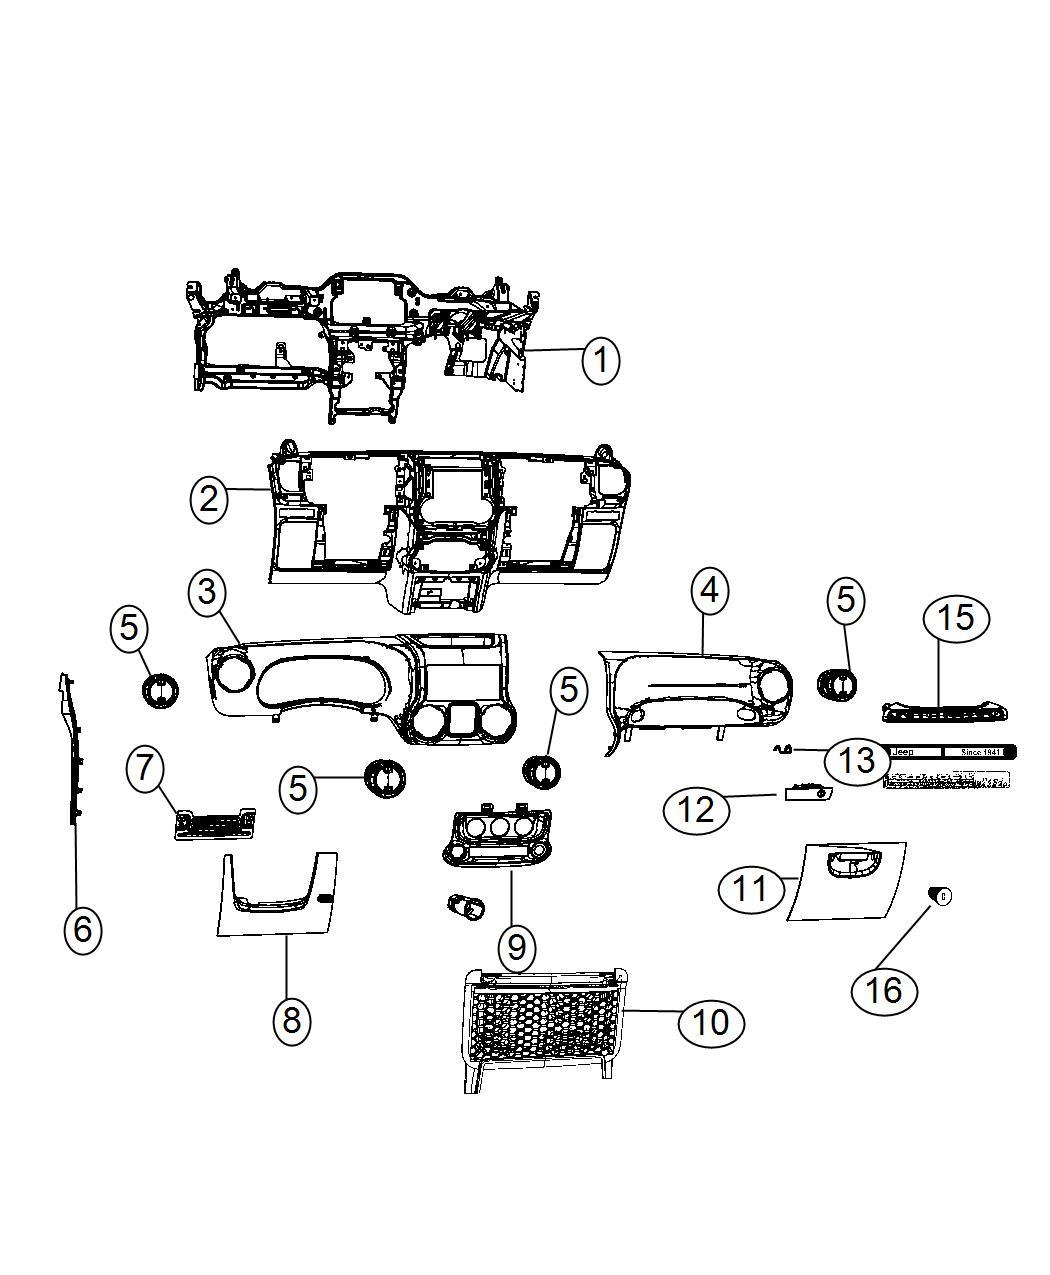 Jeep Wrangler Applique. Instrument panel. Trim: [no